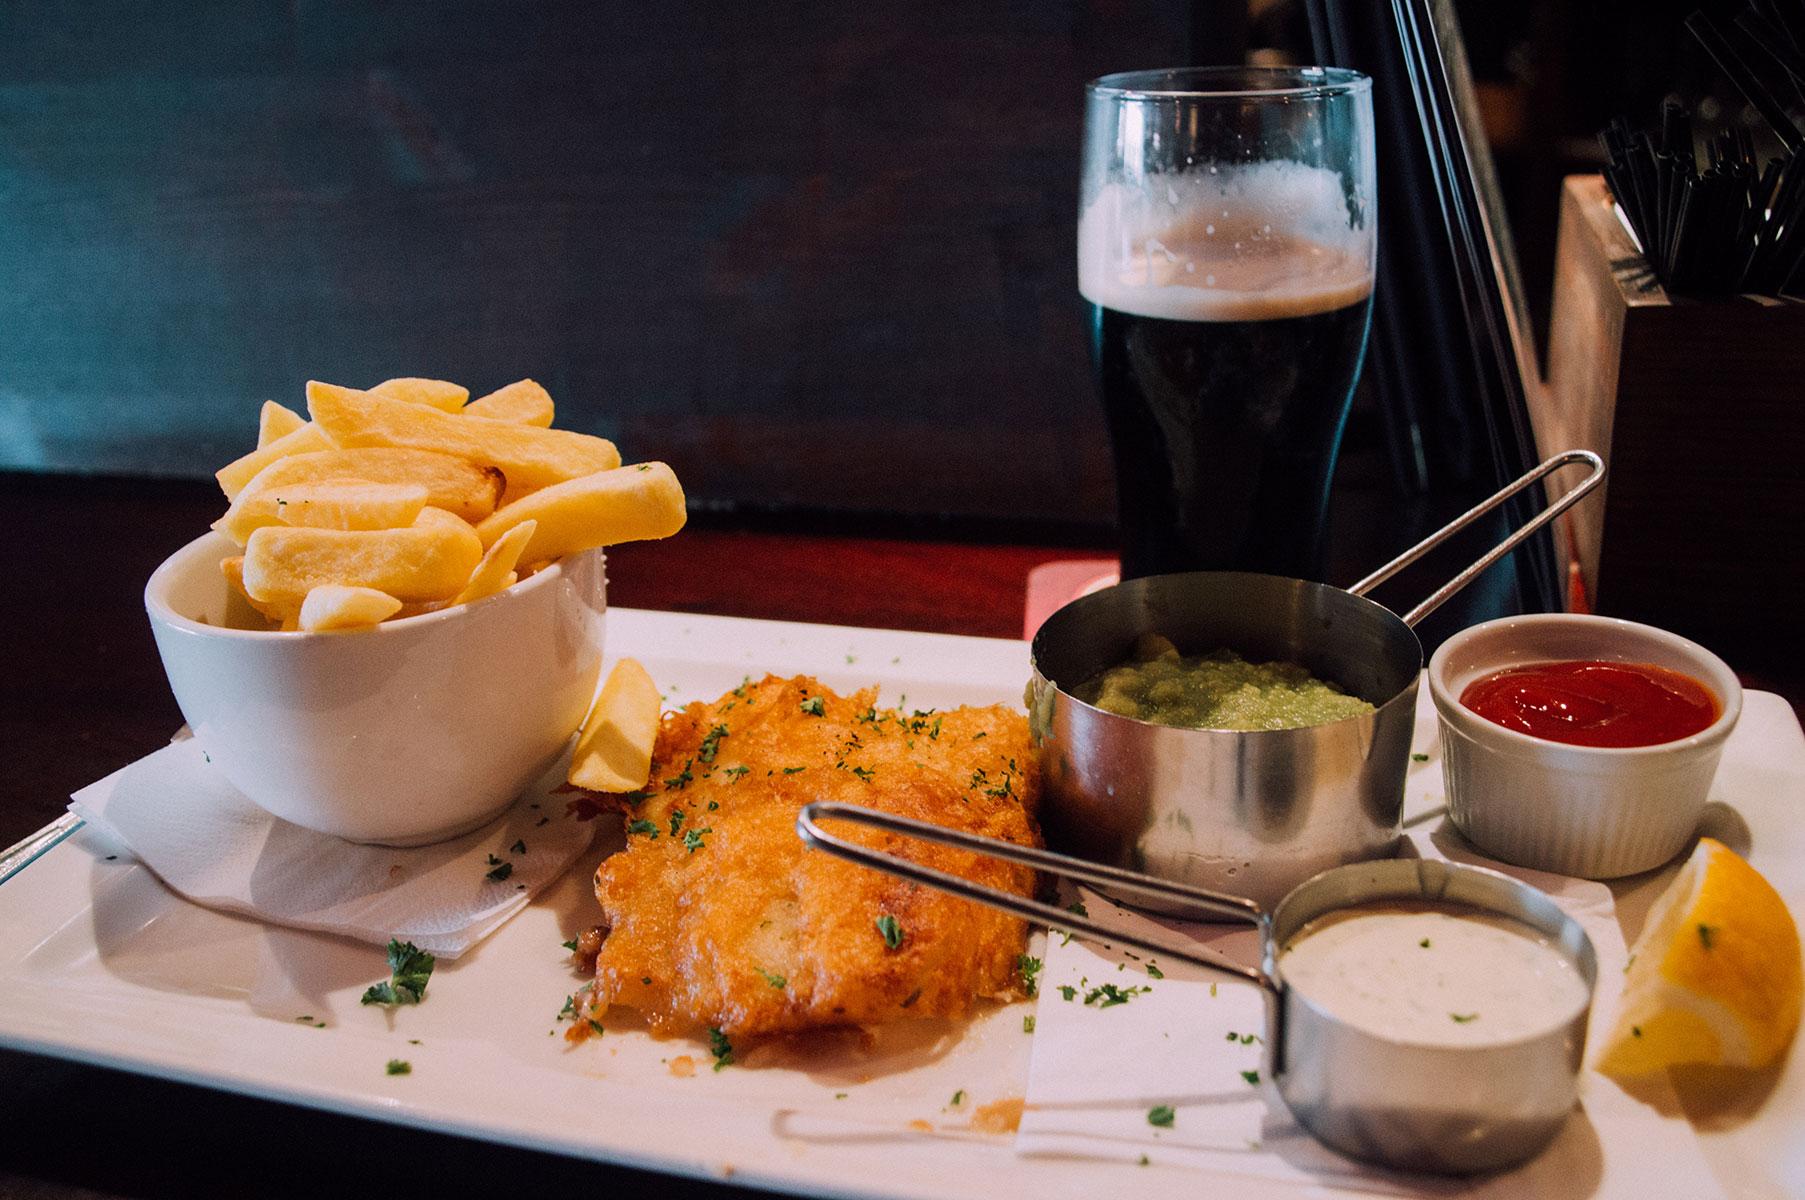 dublin_howth_pub_fish_chips